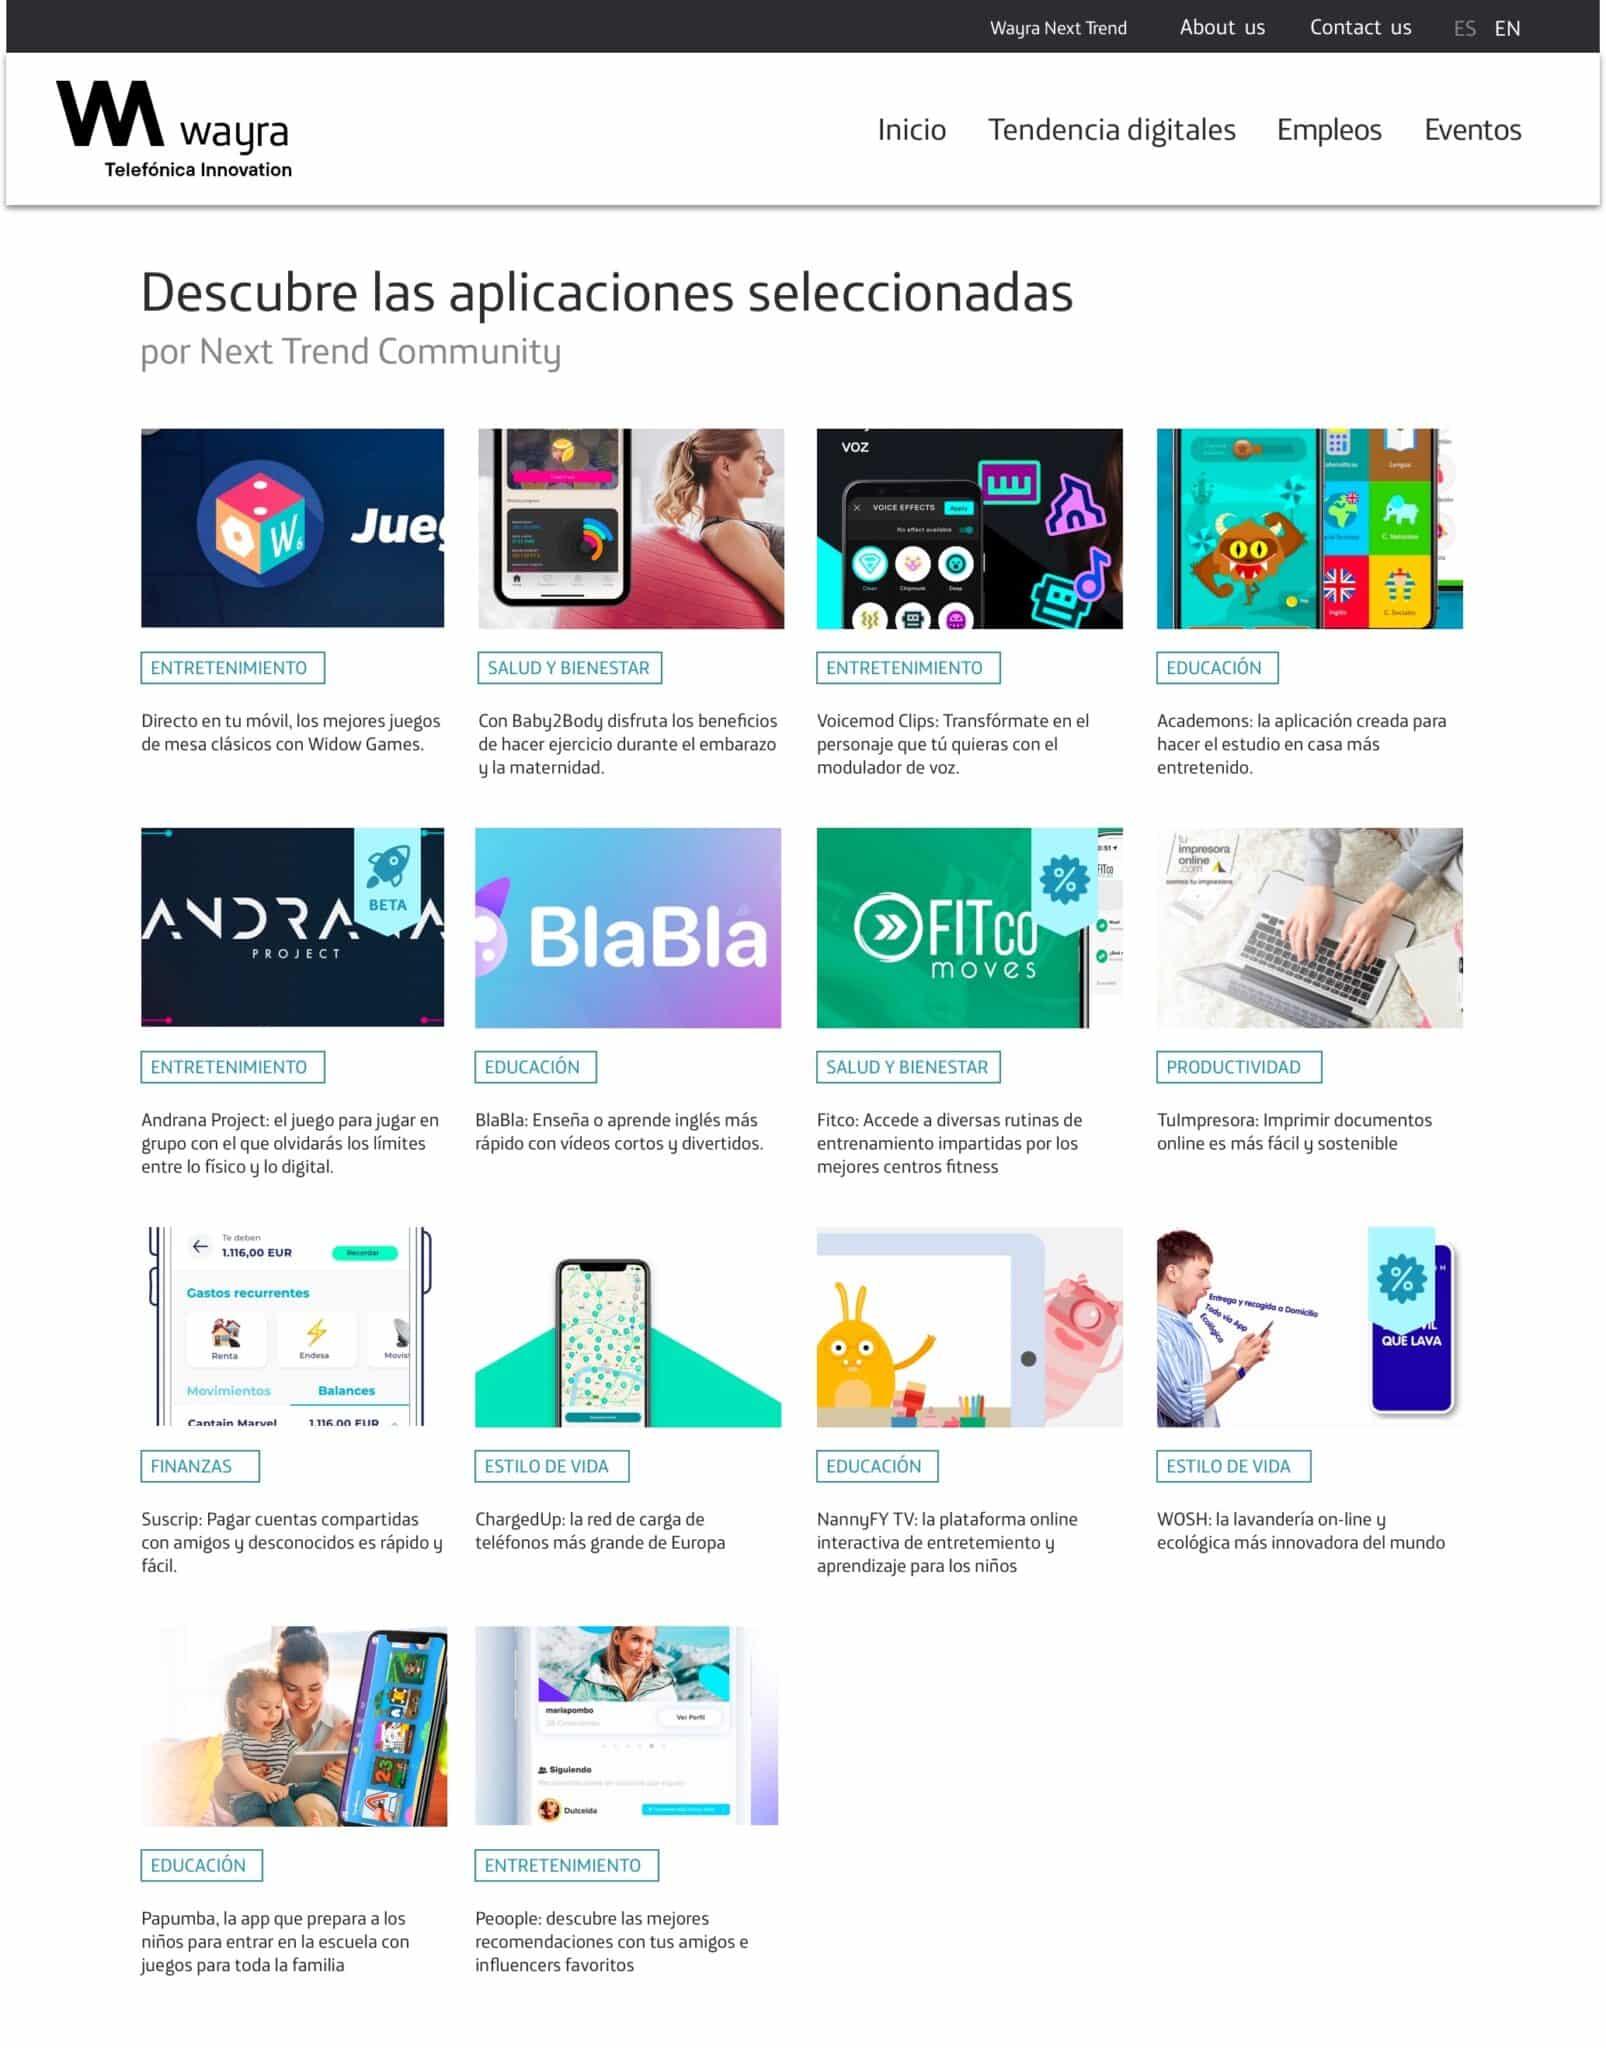 Wayra, la aceleradora de Telefónica, celebra su décimo aniversario con Next Trend, una plataforma que aspira a crear comunidad alrededor de las apps de su catálogo.